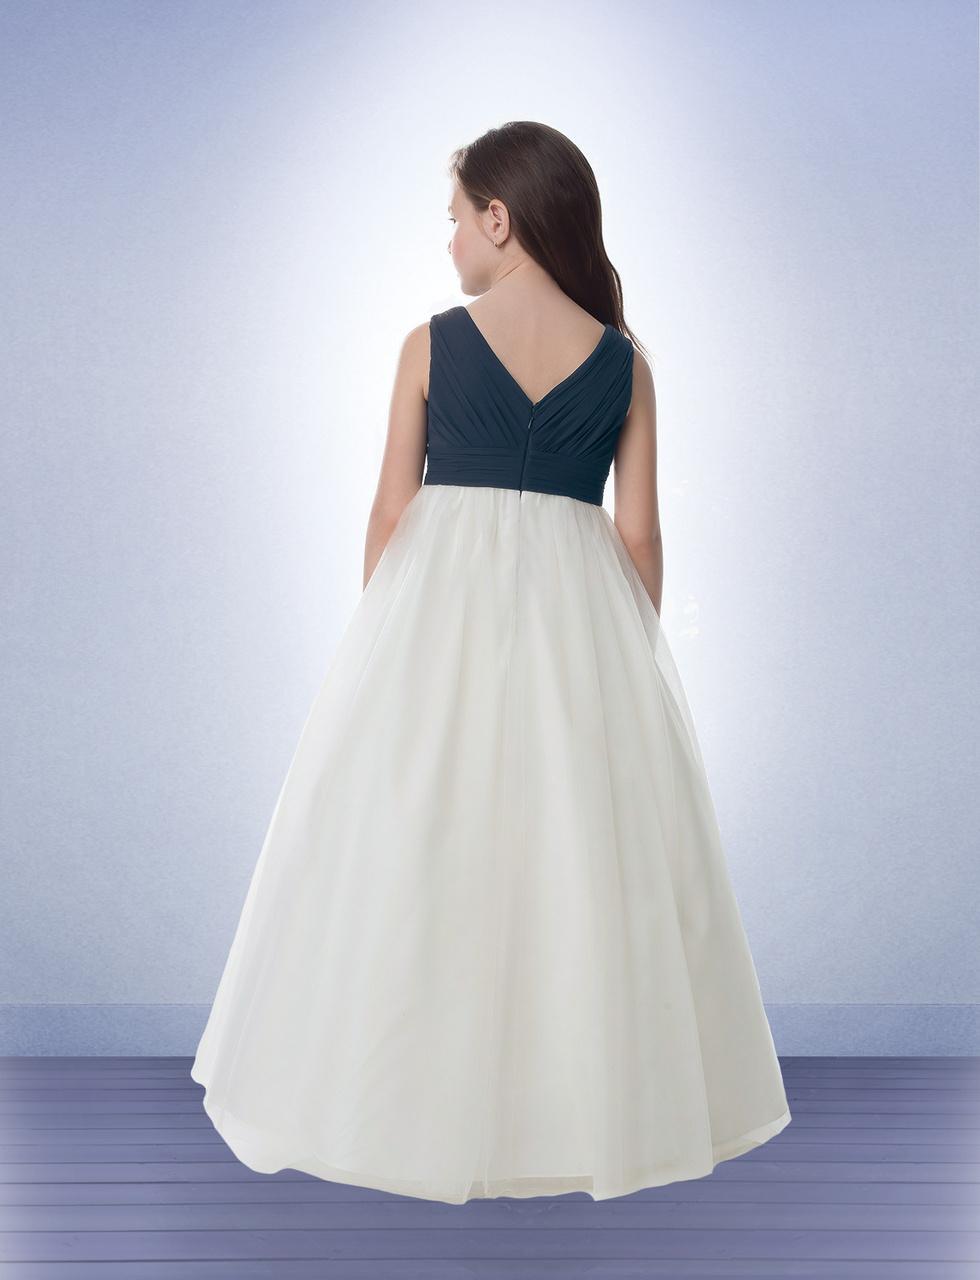 de9a2e1617e Bill Levkoff Flower Girl Dress Style 15401. ‹ ›